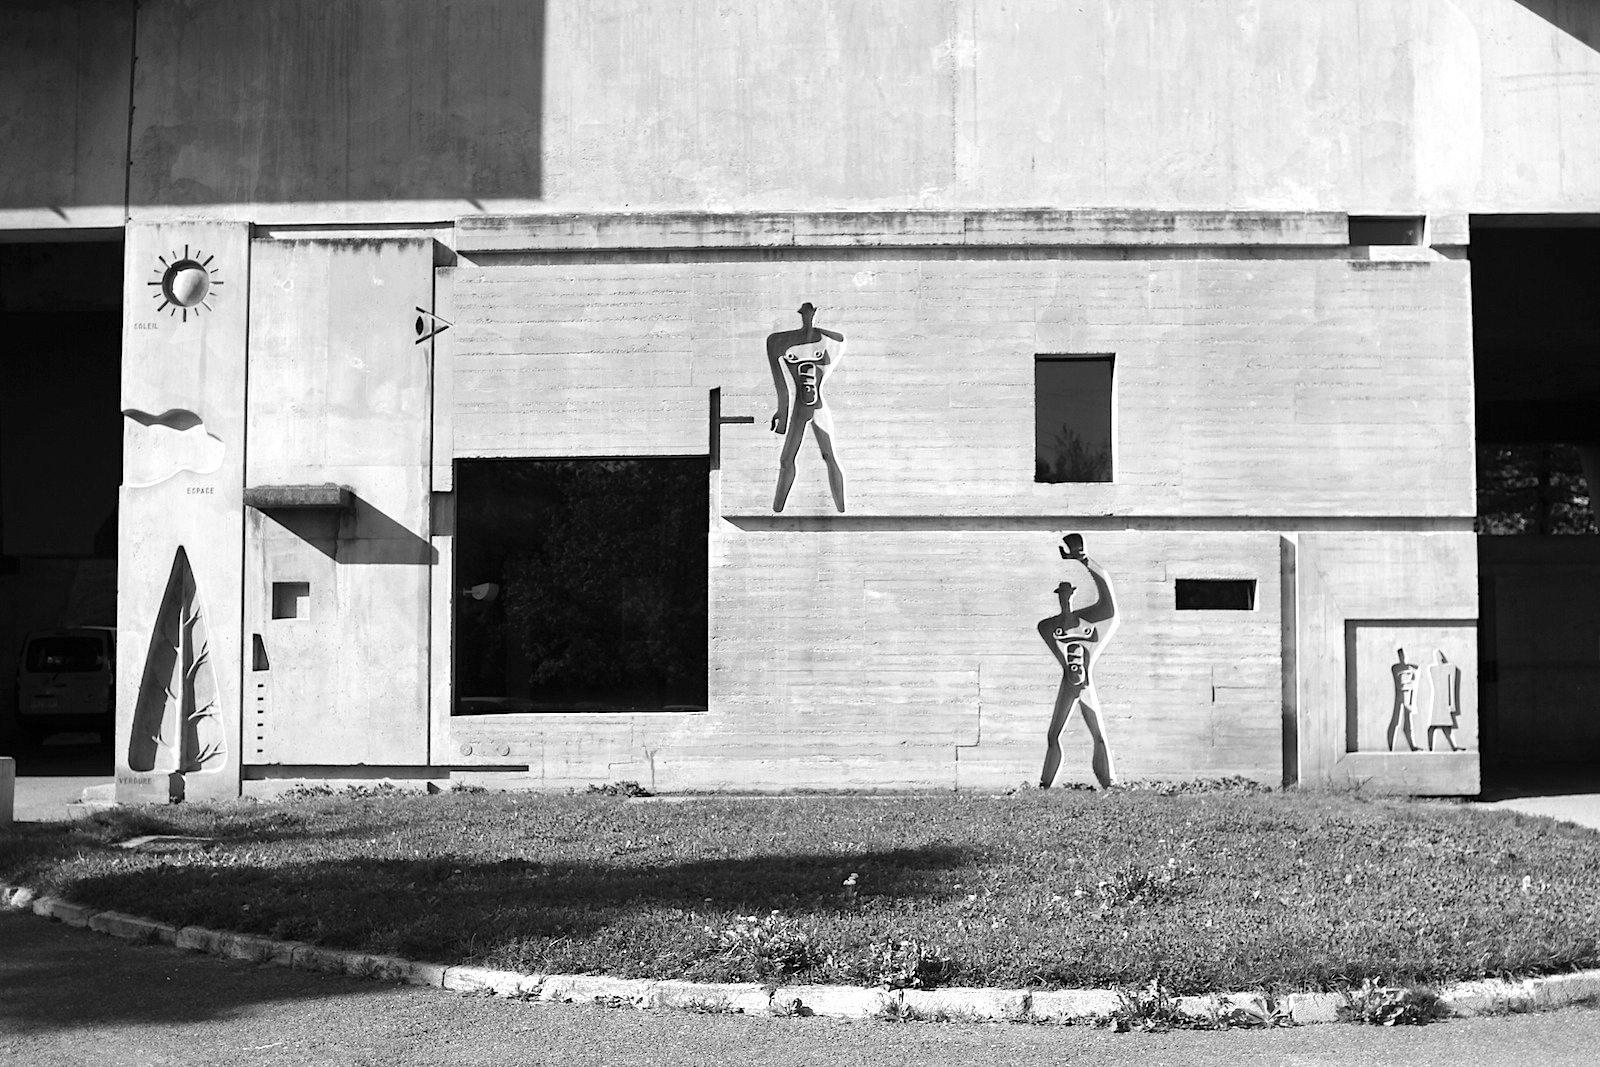 Maßstab. Schnitt einer Wohnung in der Unité d'Habitation mit dem von Le Corbusier entwickelten Proportionsschema